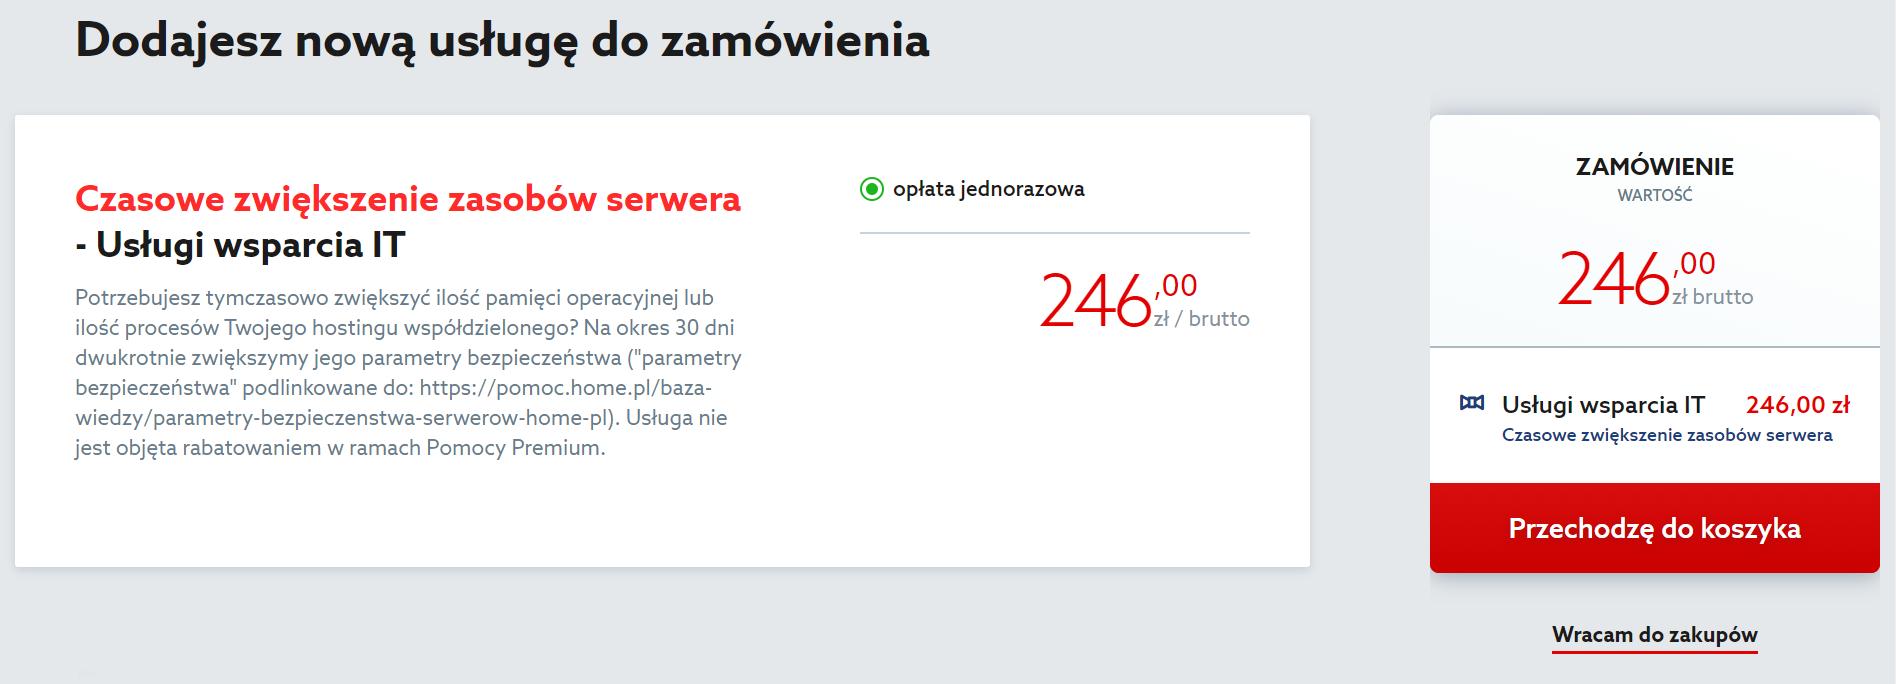 Aby zakupić tymczasowe zwiększenie zasobów serwera w home.pl, kliknij przycisk: Przechodzę do koszyka.